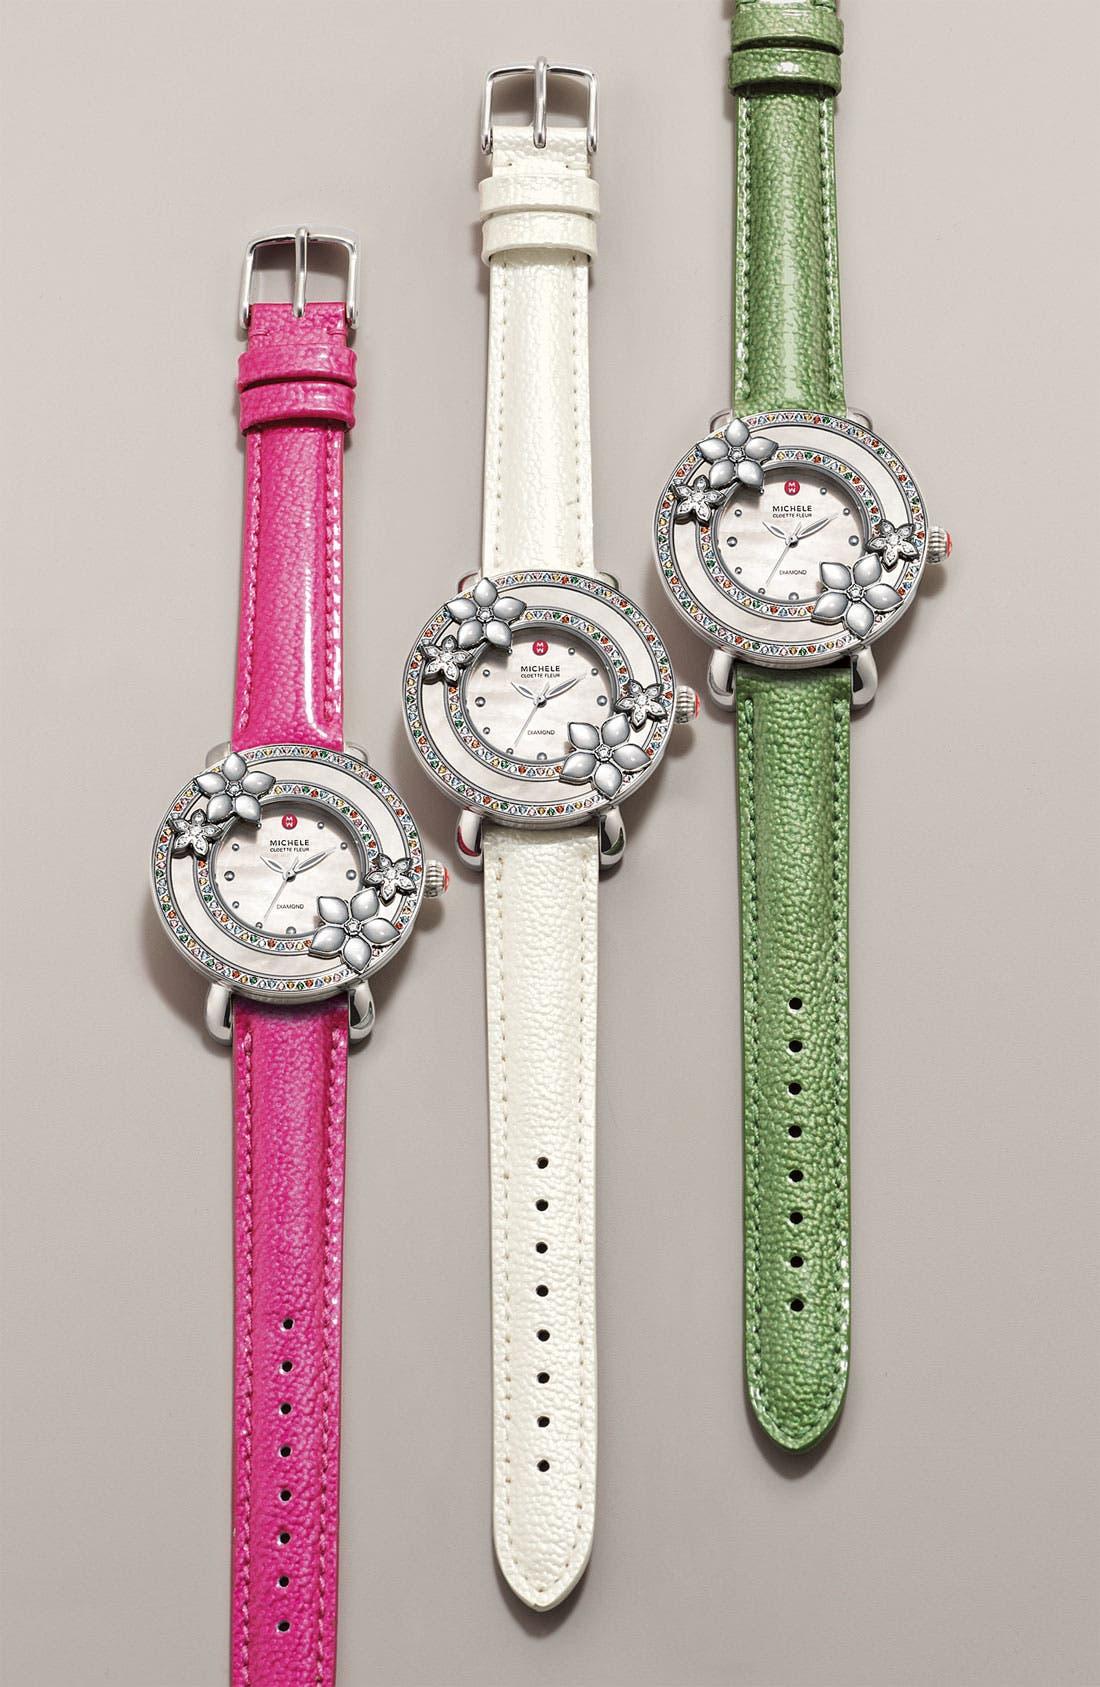 Alternate Image 1 Selected - MICHELE 'Cloette Fleur' Customizable Watch